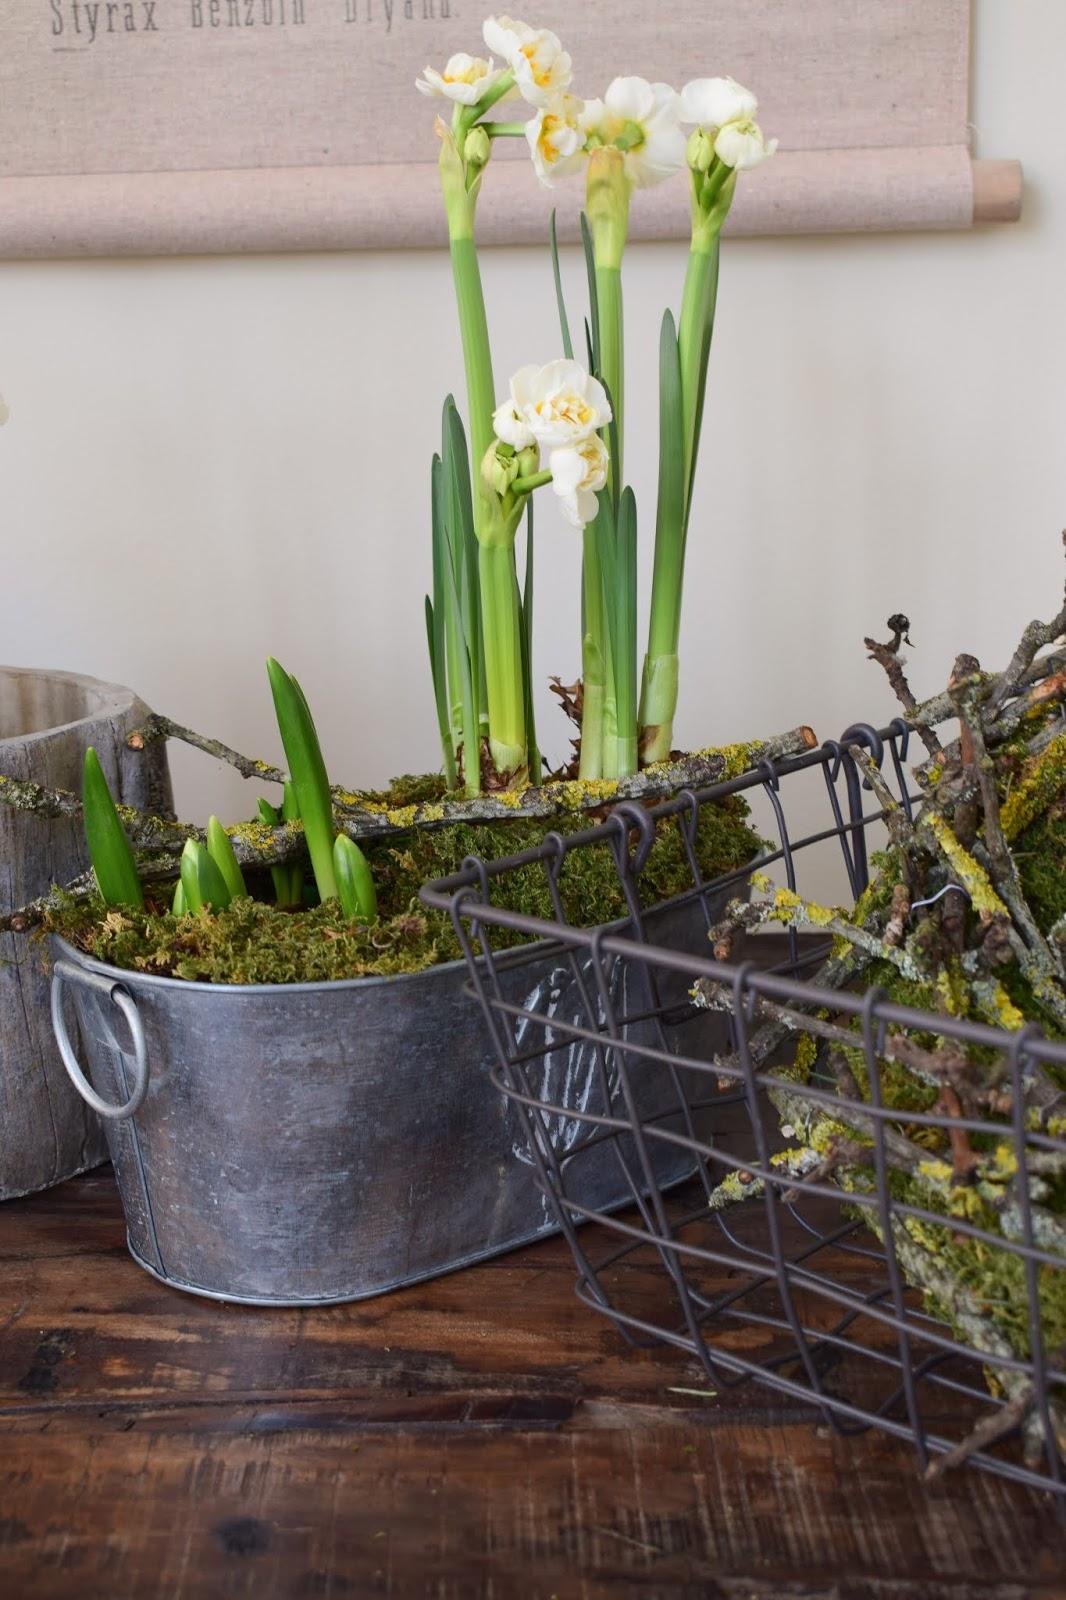 Frühlingsdeko selbermachen basteln mit Narzissen Krokusse Bridal Crown Deko für den Frühling natürlich Frühlingsblüher Moos Zweige